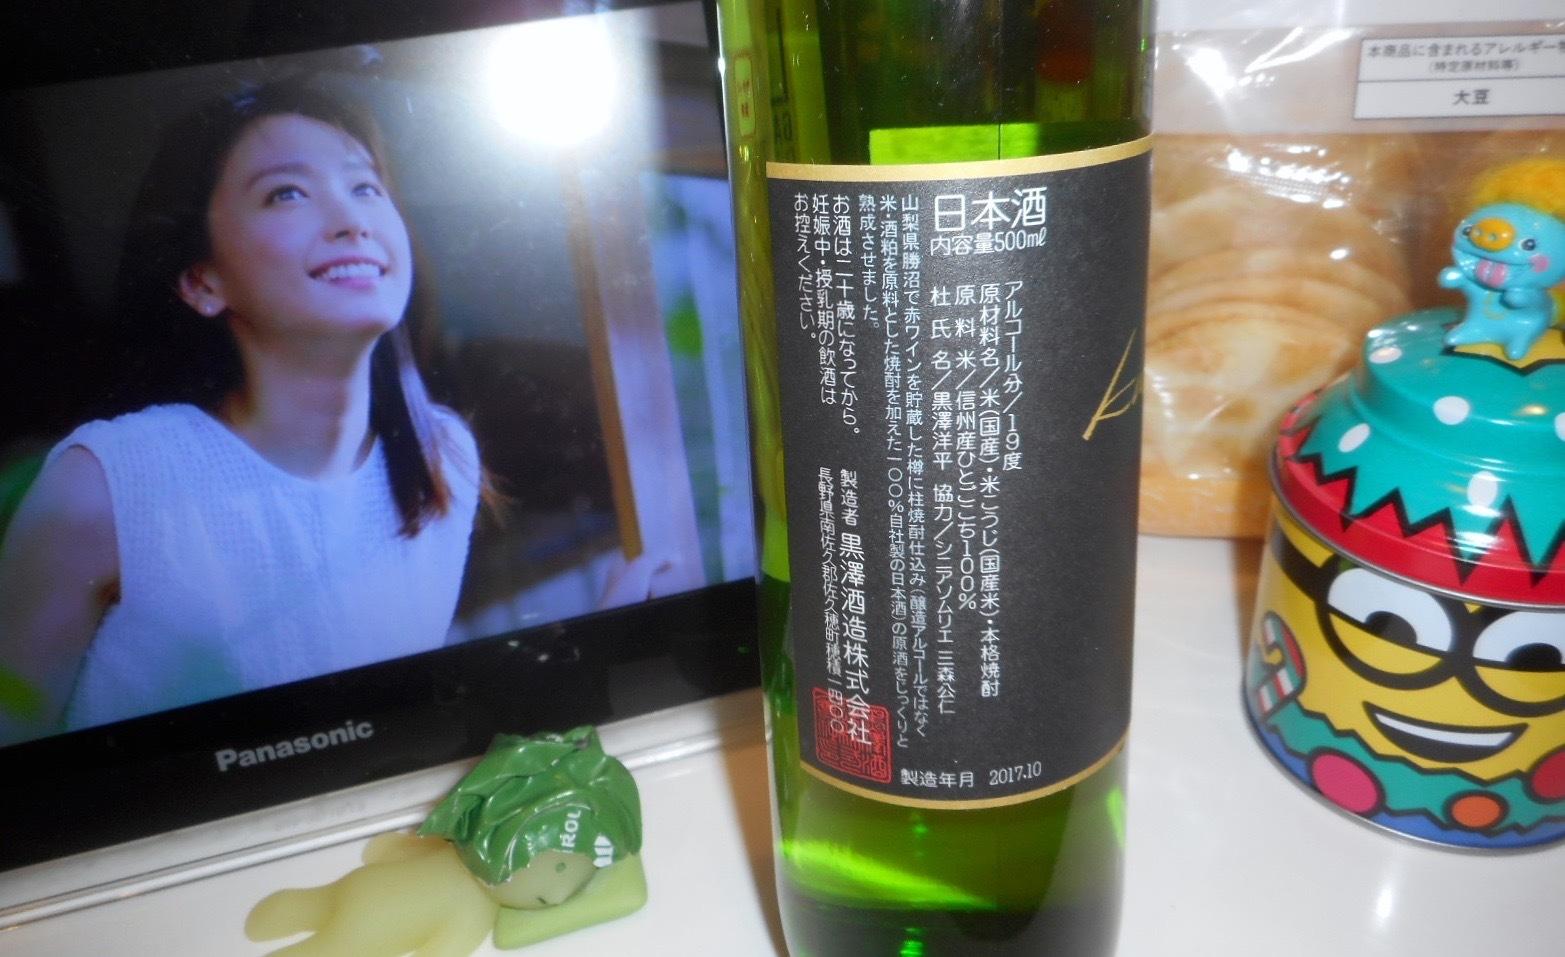 kurosawa_hashira28by2.jpg